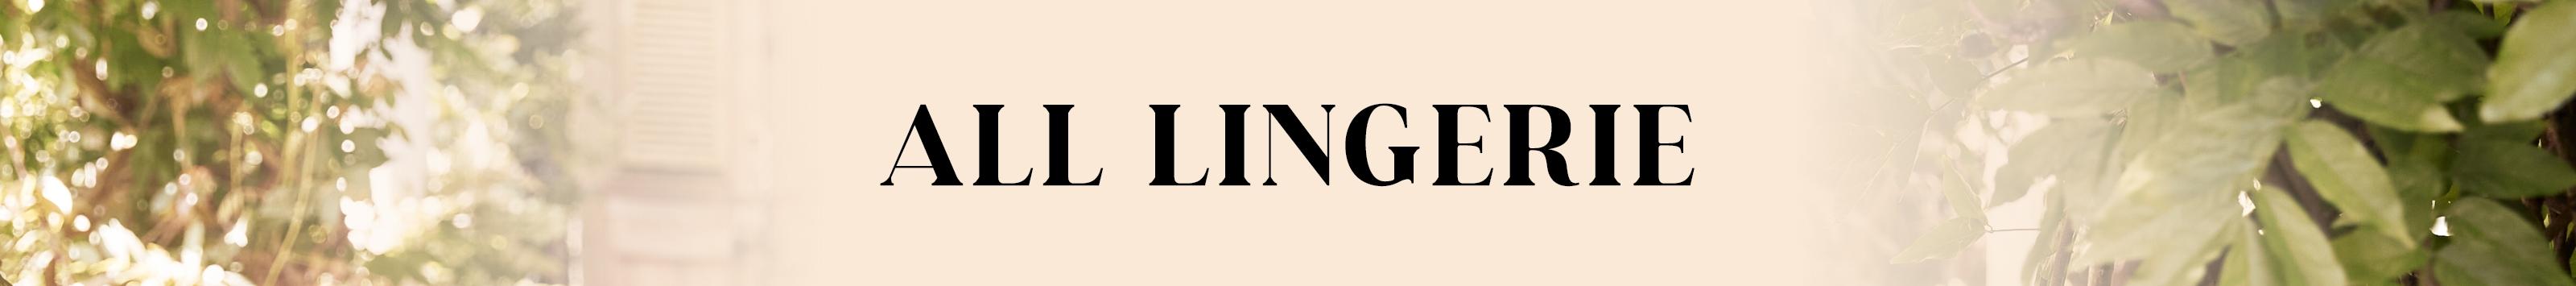 banner-category-sexylingerie-alllingerie-1.jpg